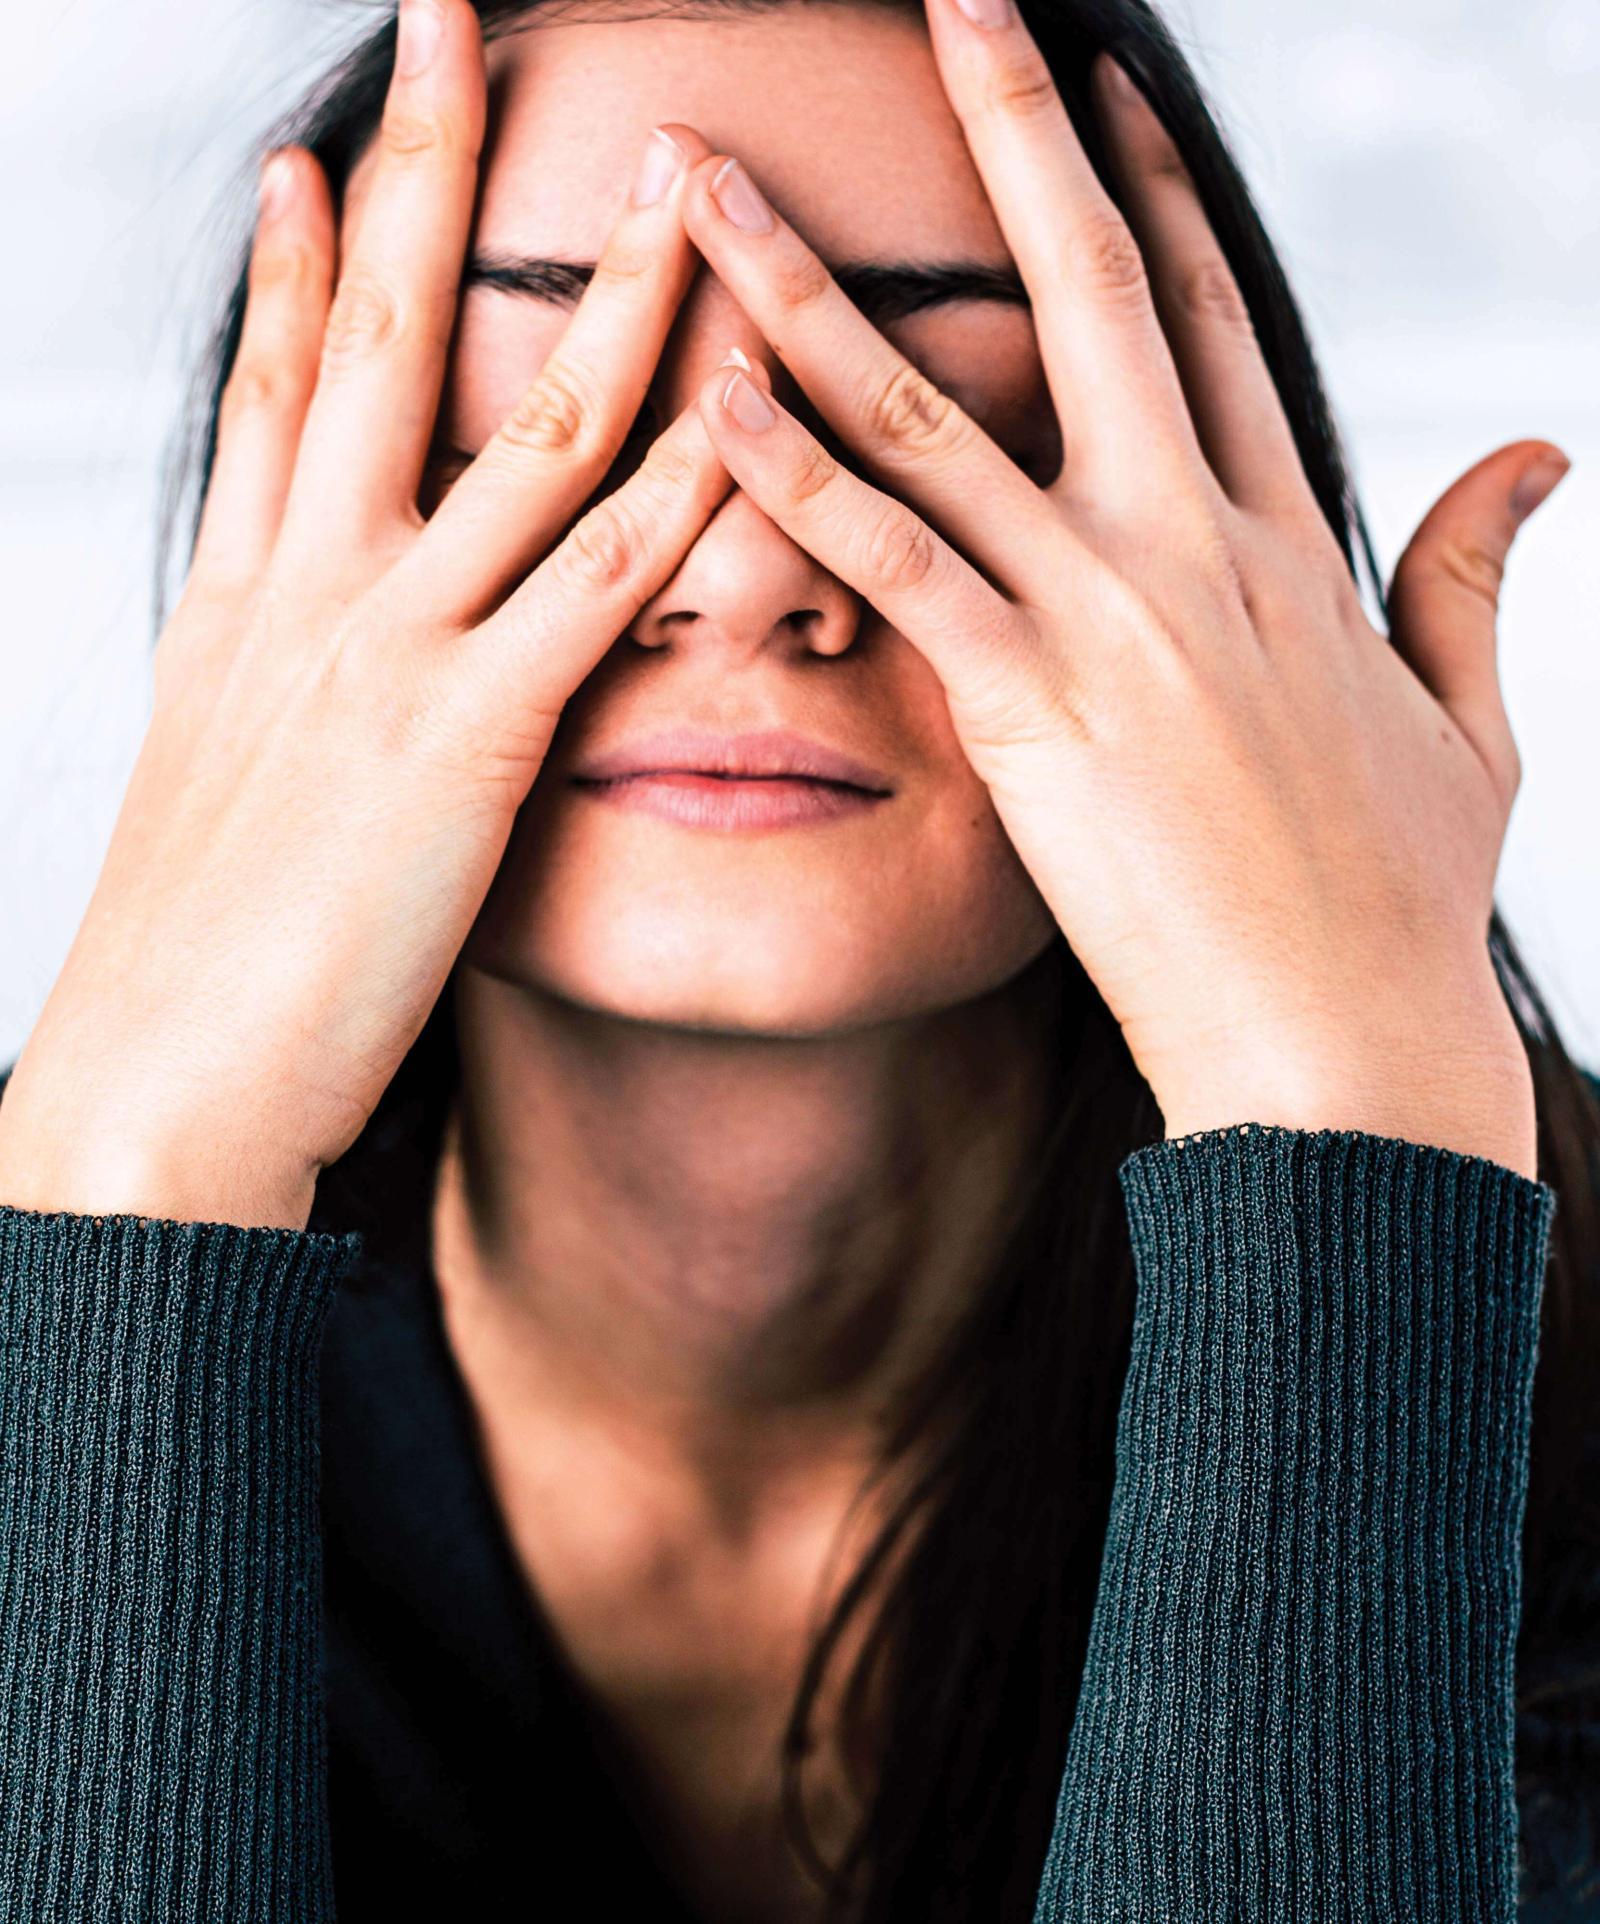 Как не трогать лицо — когда кругом коронавирус, это, правда, важно! Серьезная инструкция без шуточек про собачий воротник